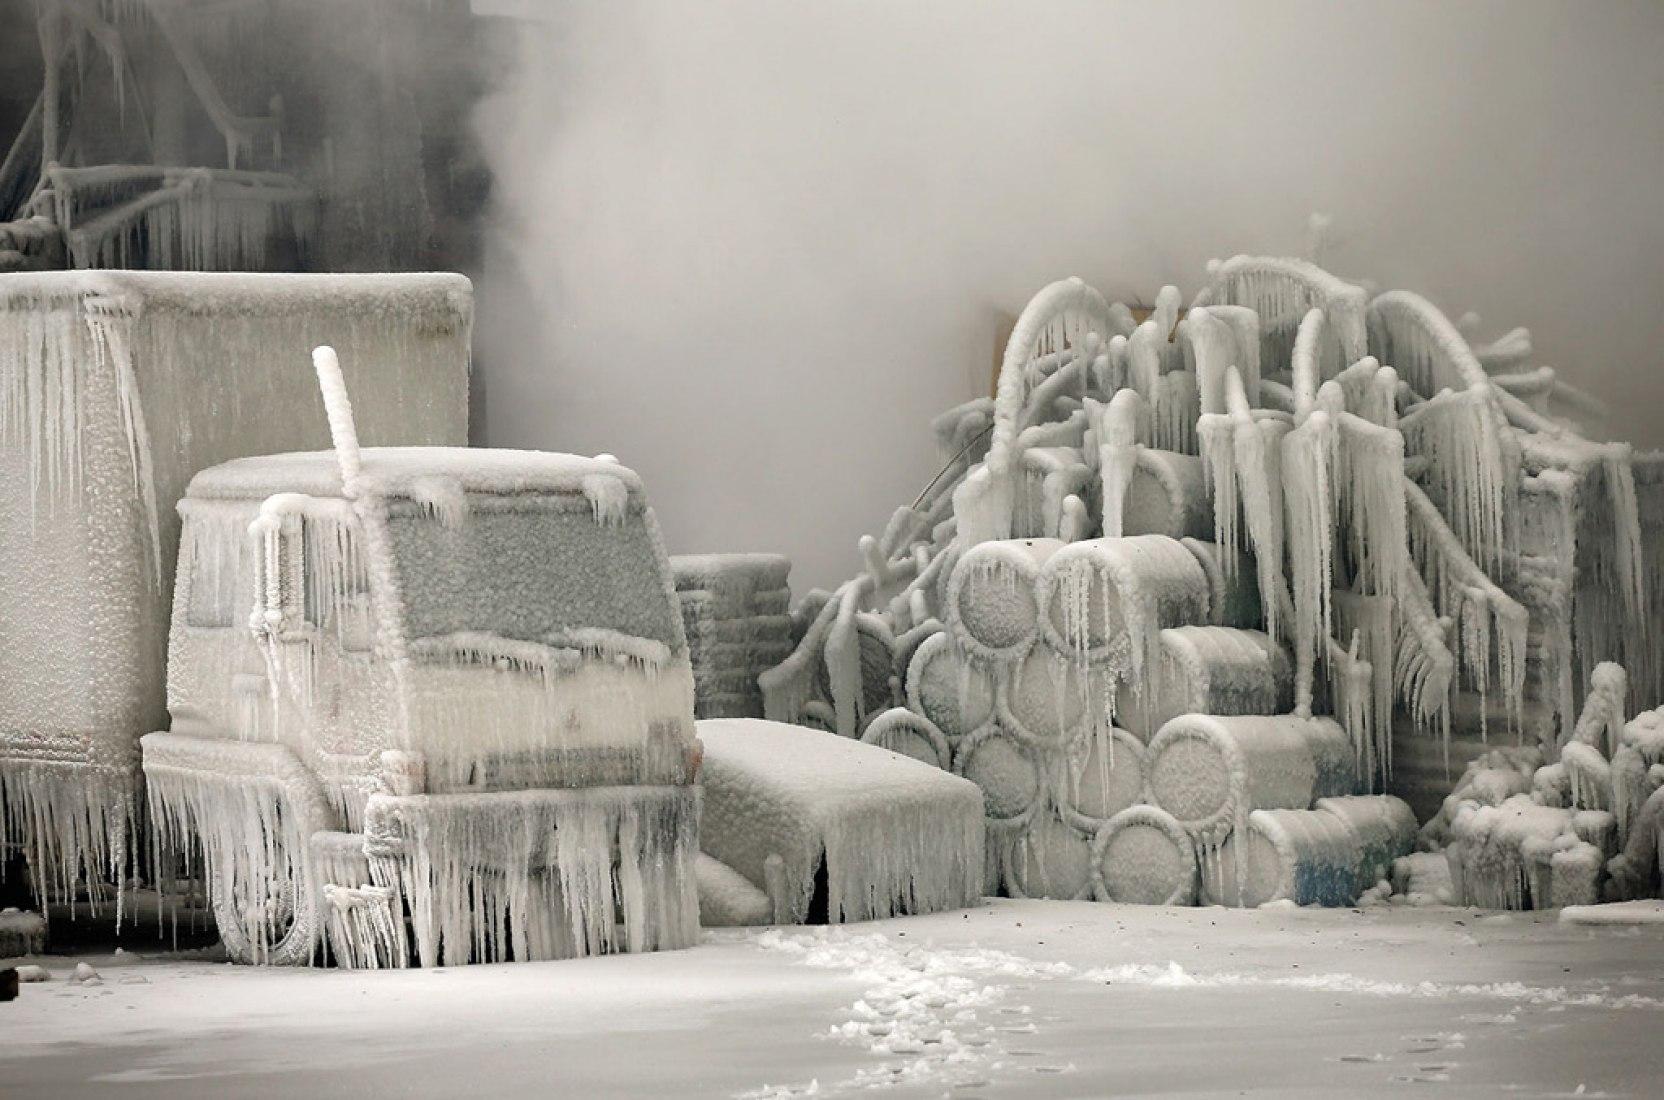 Un camión está cubierto de hielo, mientras los bomberos trabajan para extinguir un incendio masivo en un almacén vacío en Chicago, Illinois, el 23 de enero de 2013. Más de 200 bomberos combatían el incendio de cinco alarmas ya que las temperaturas eran de un solo dígito. (Scott Olson / Getty Images).